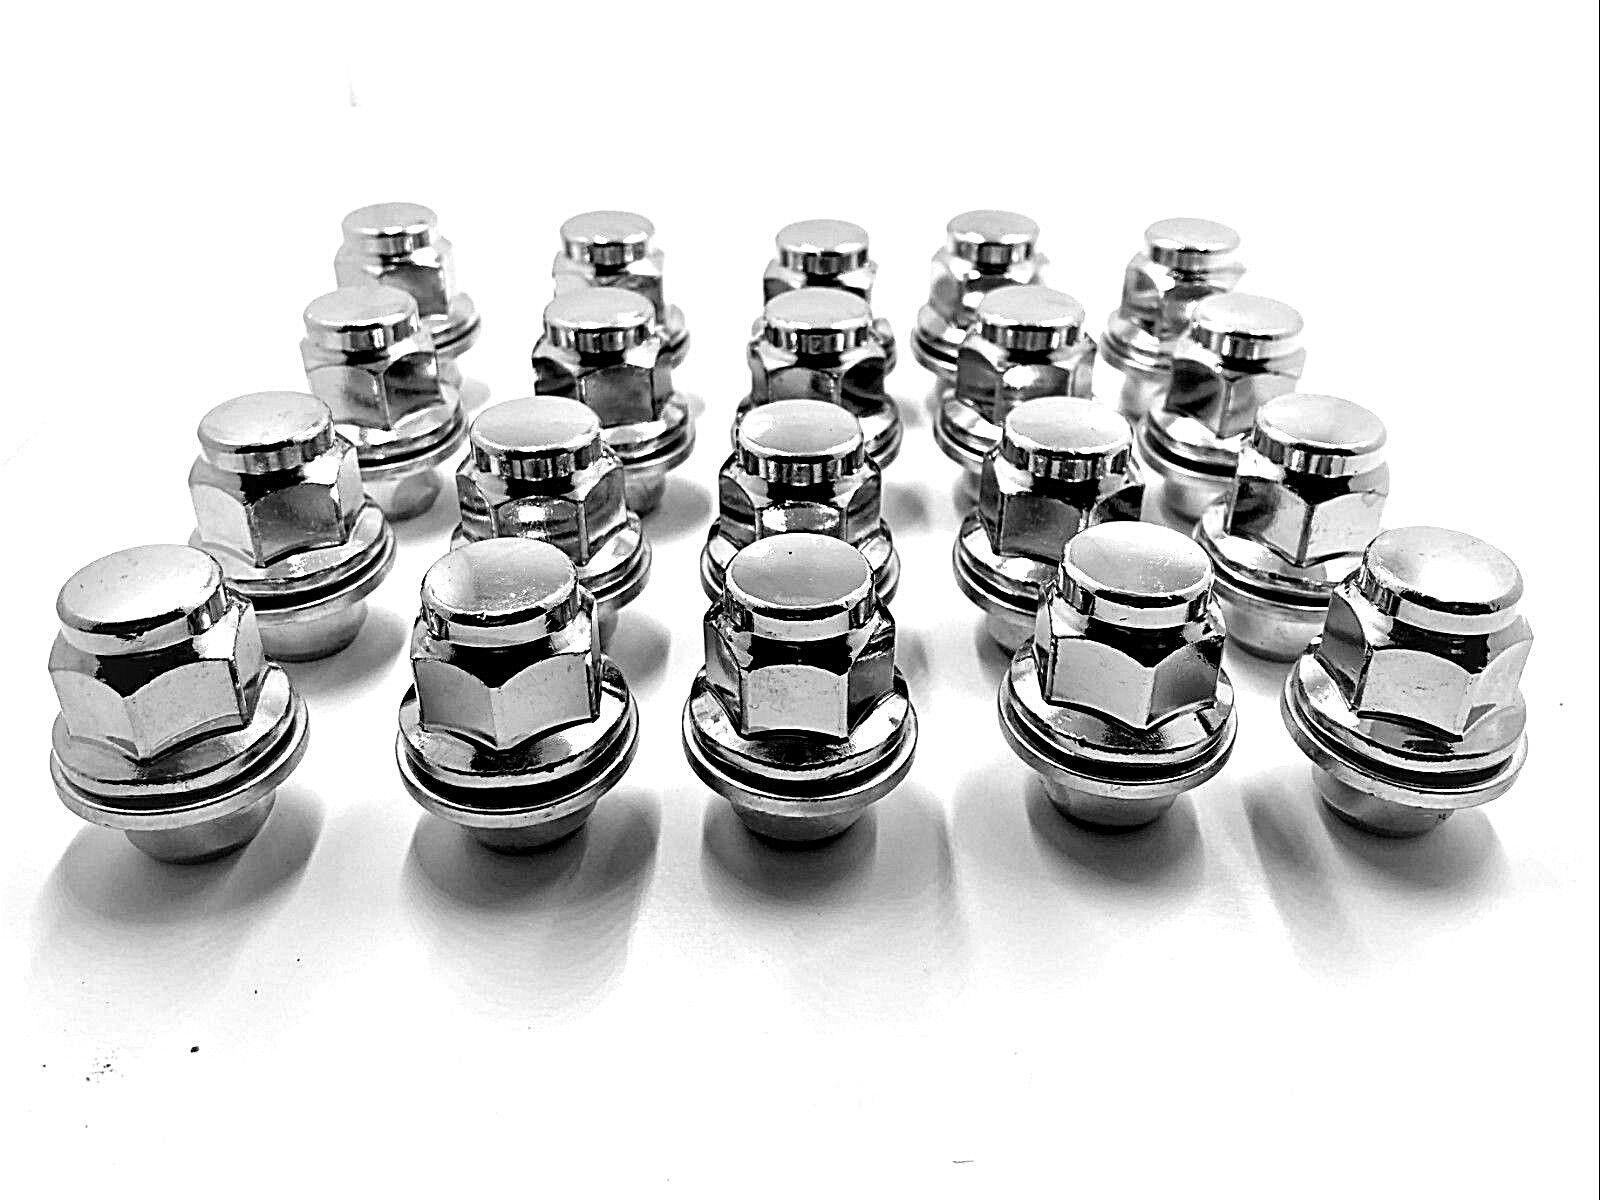 clavos, 2 16 x Pernos de Rueda de Aleación Negro para Mini Bmw M14 X 1.25,17MM Lugs Tuercas